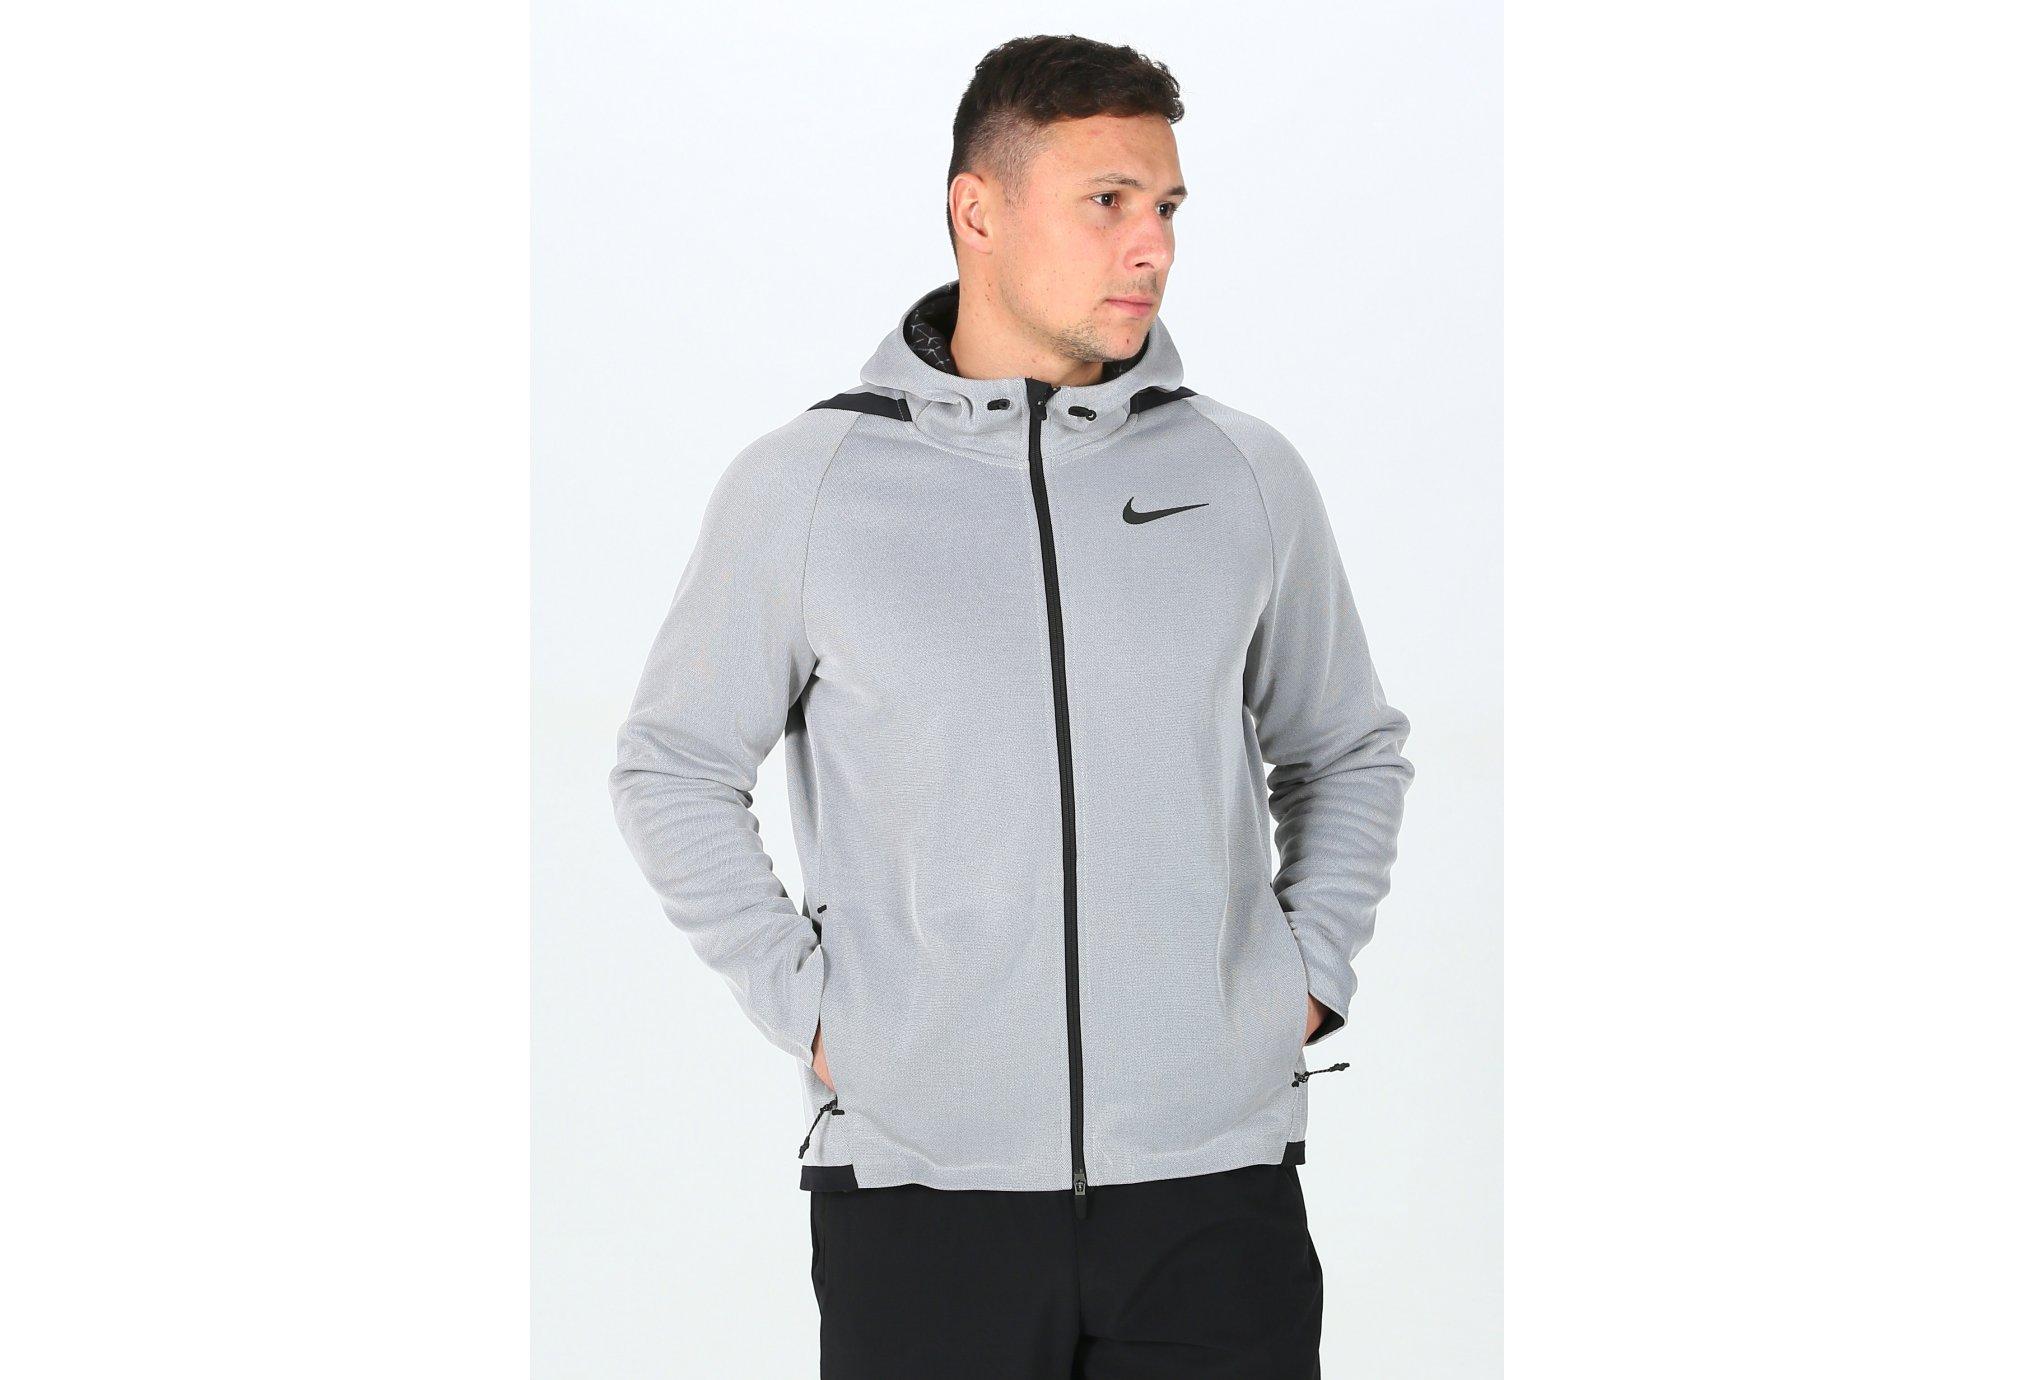 Nike Therma Sphere Max M Diététique Vêtements homme